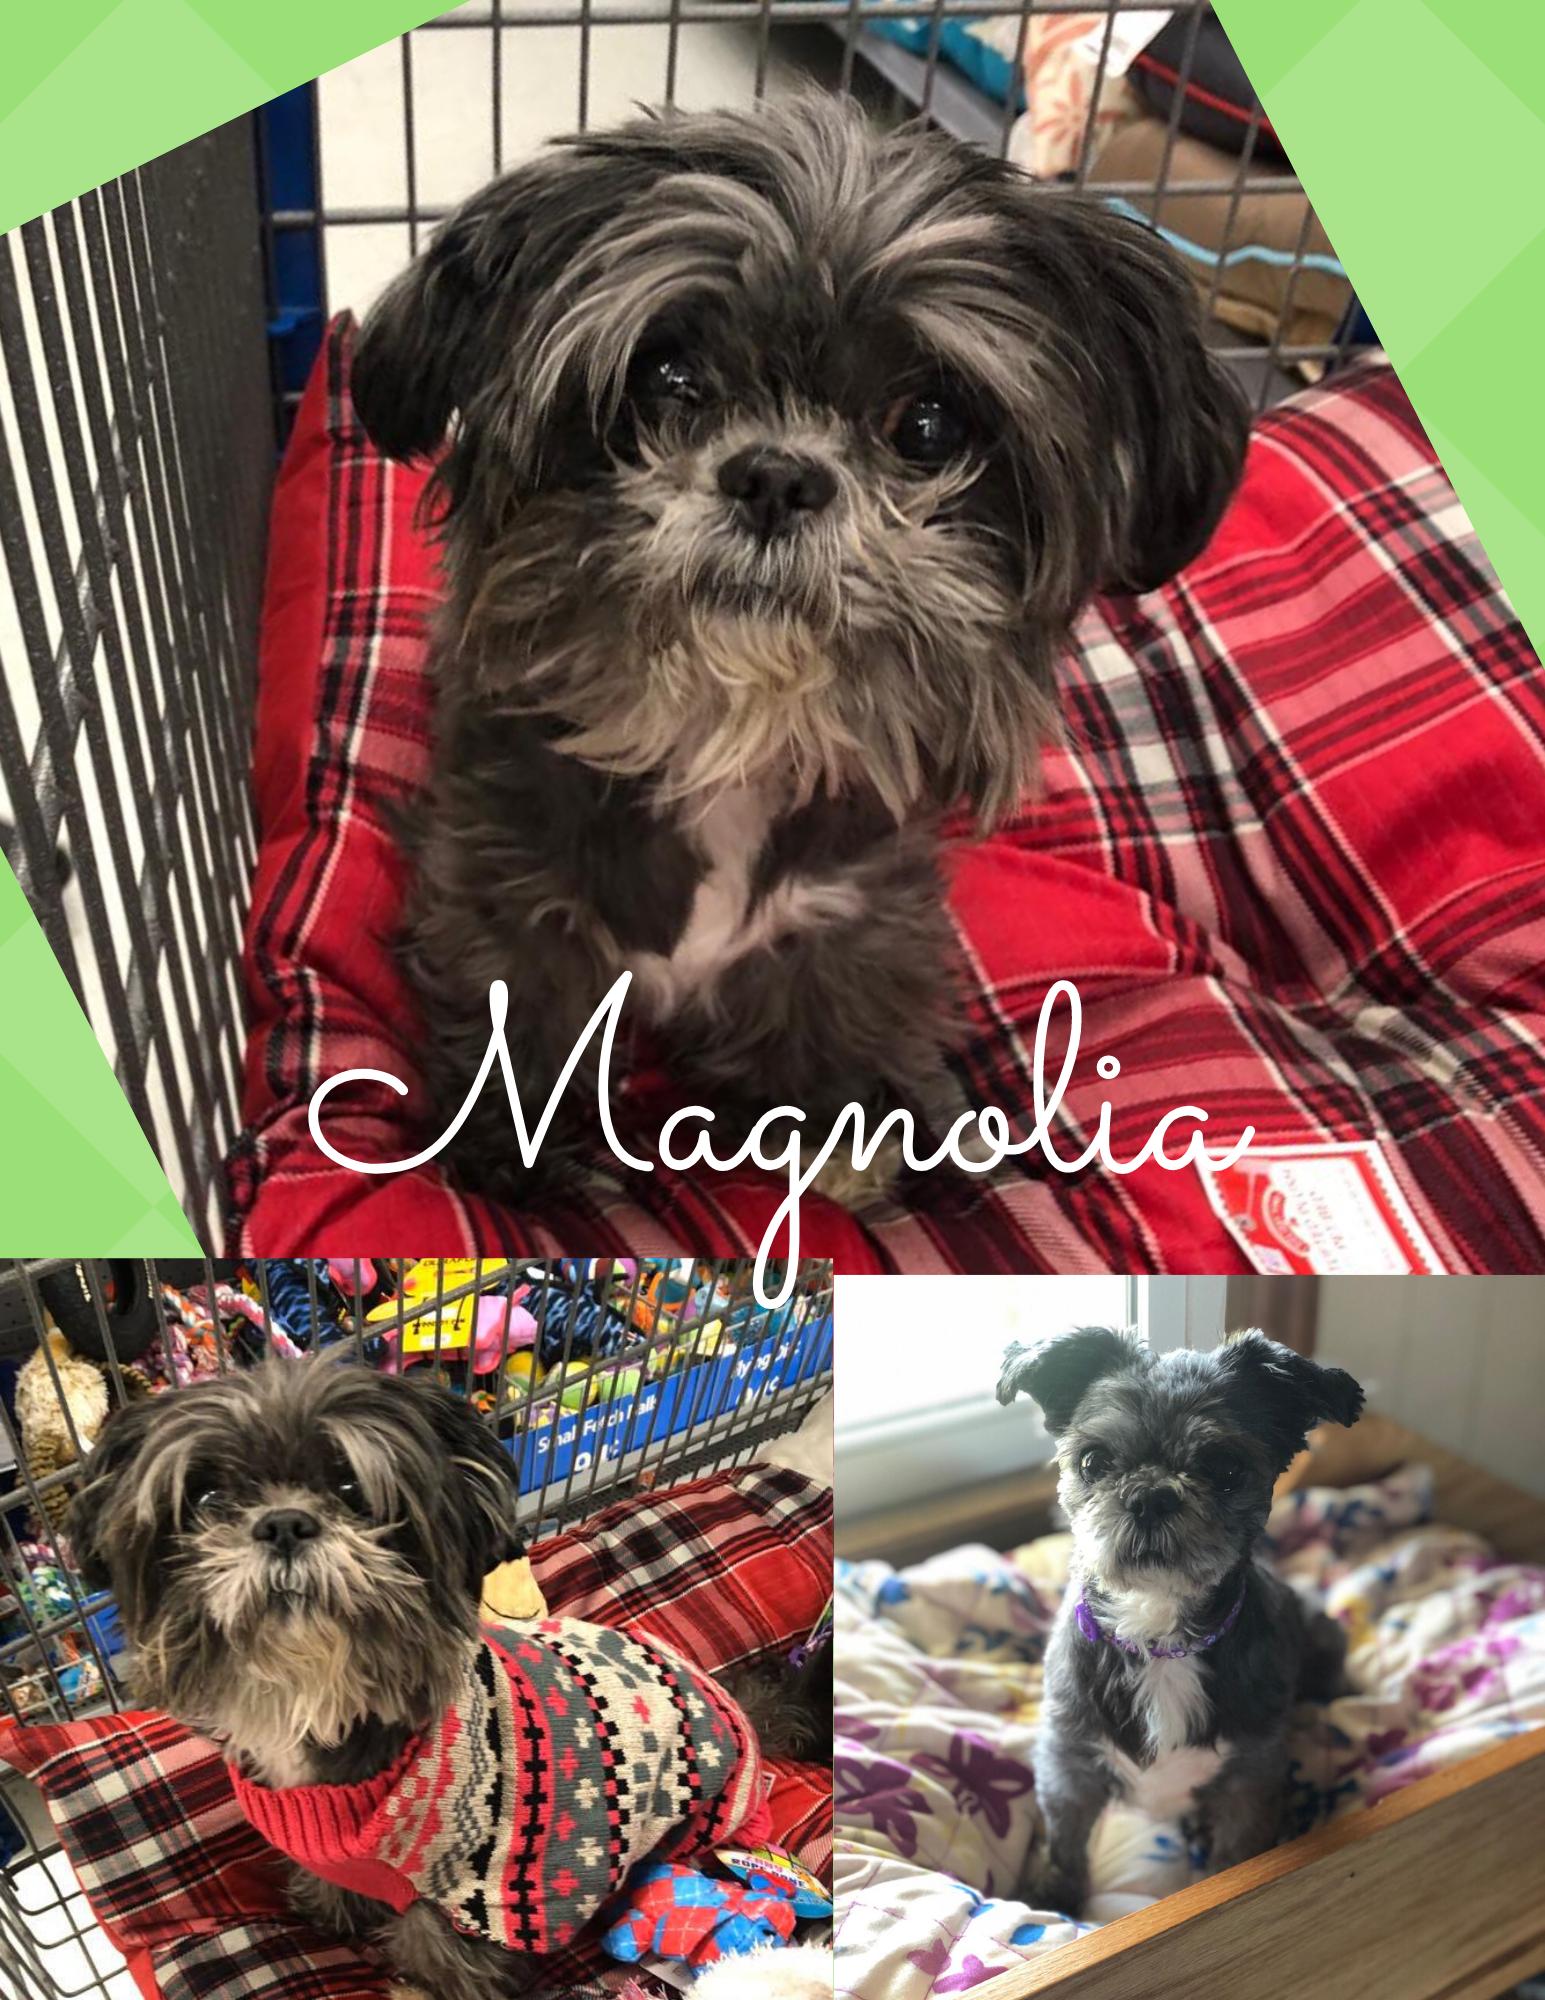 Magnolia - 1/13/20